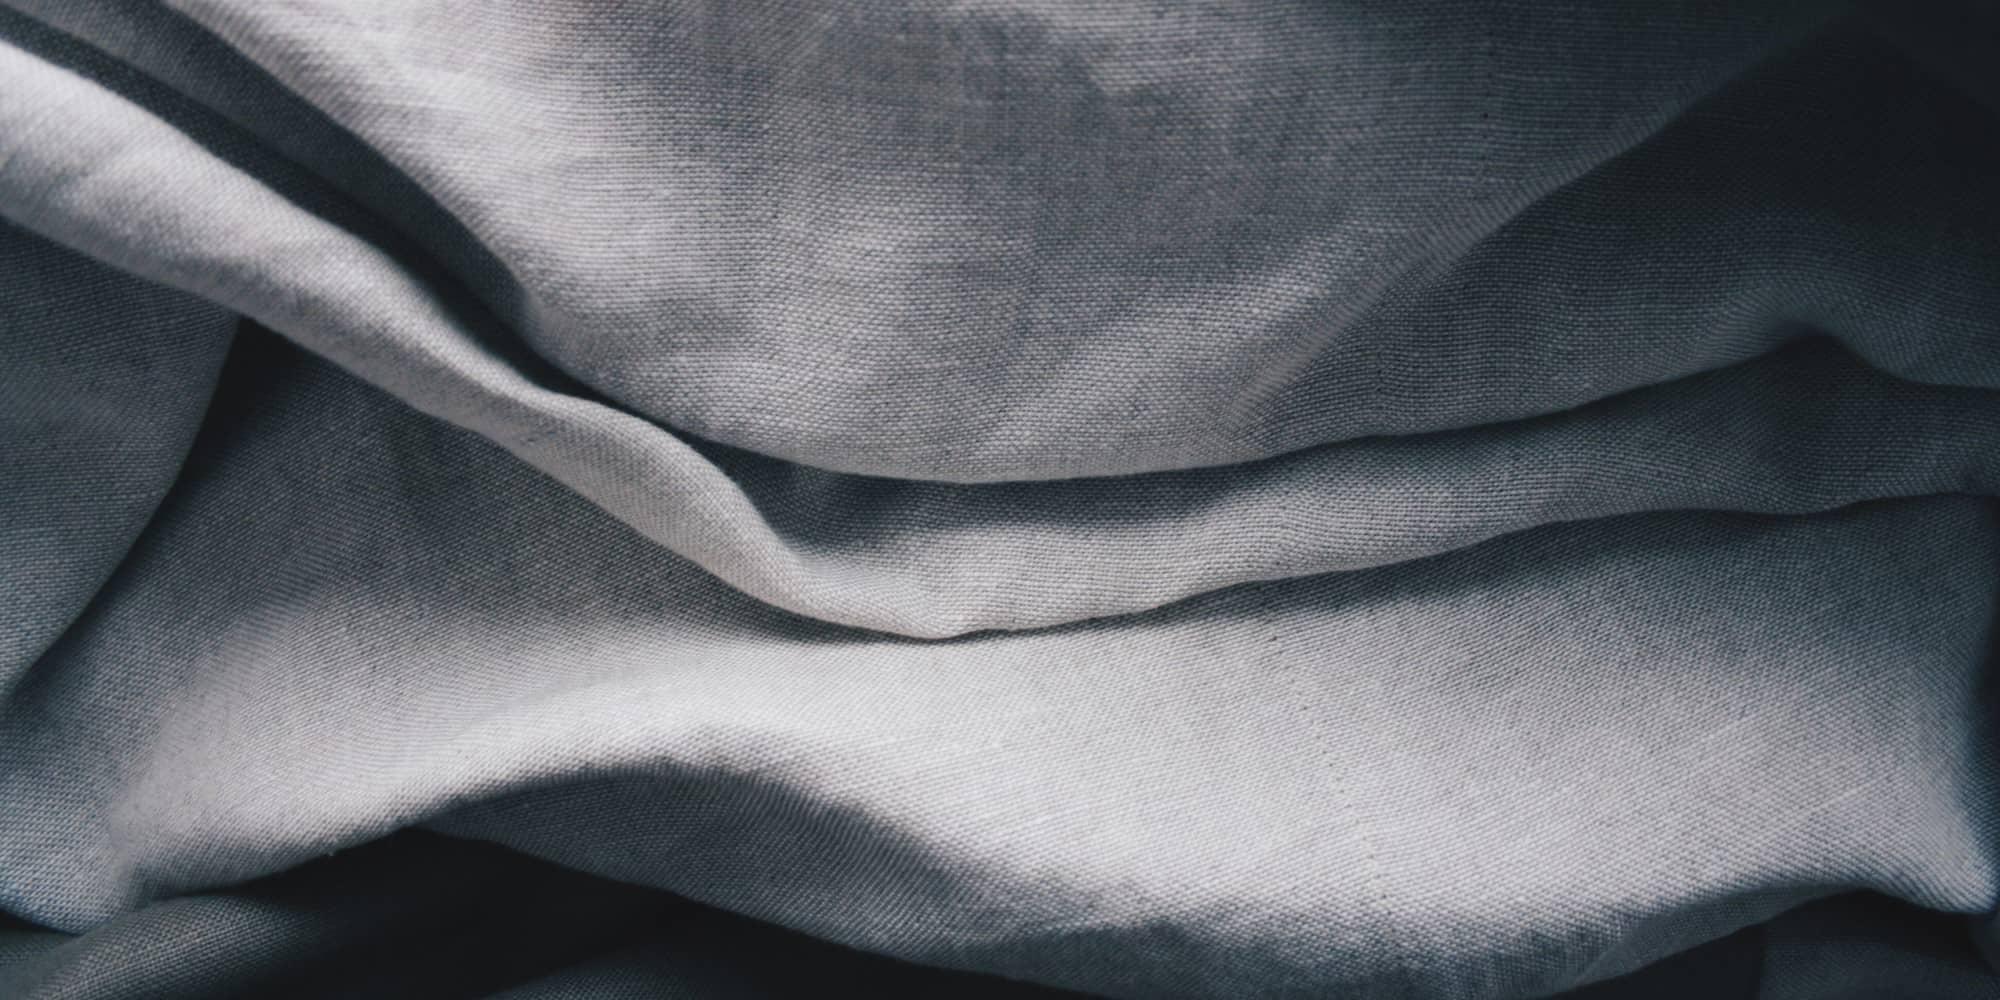 Katharine Hamnett - 100% Organic Supima Cotton